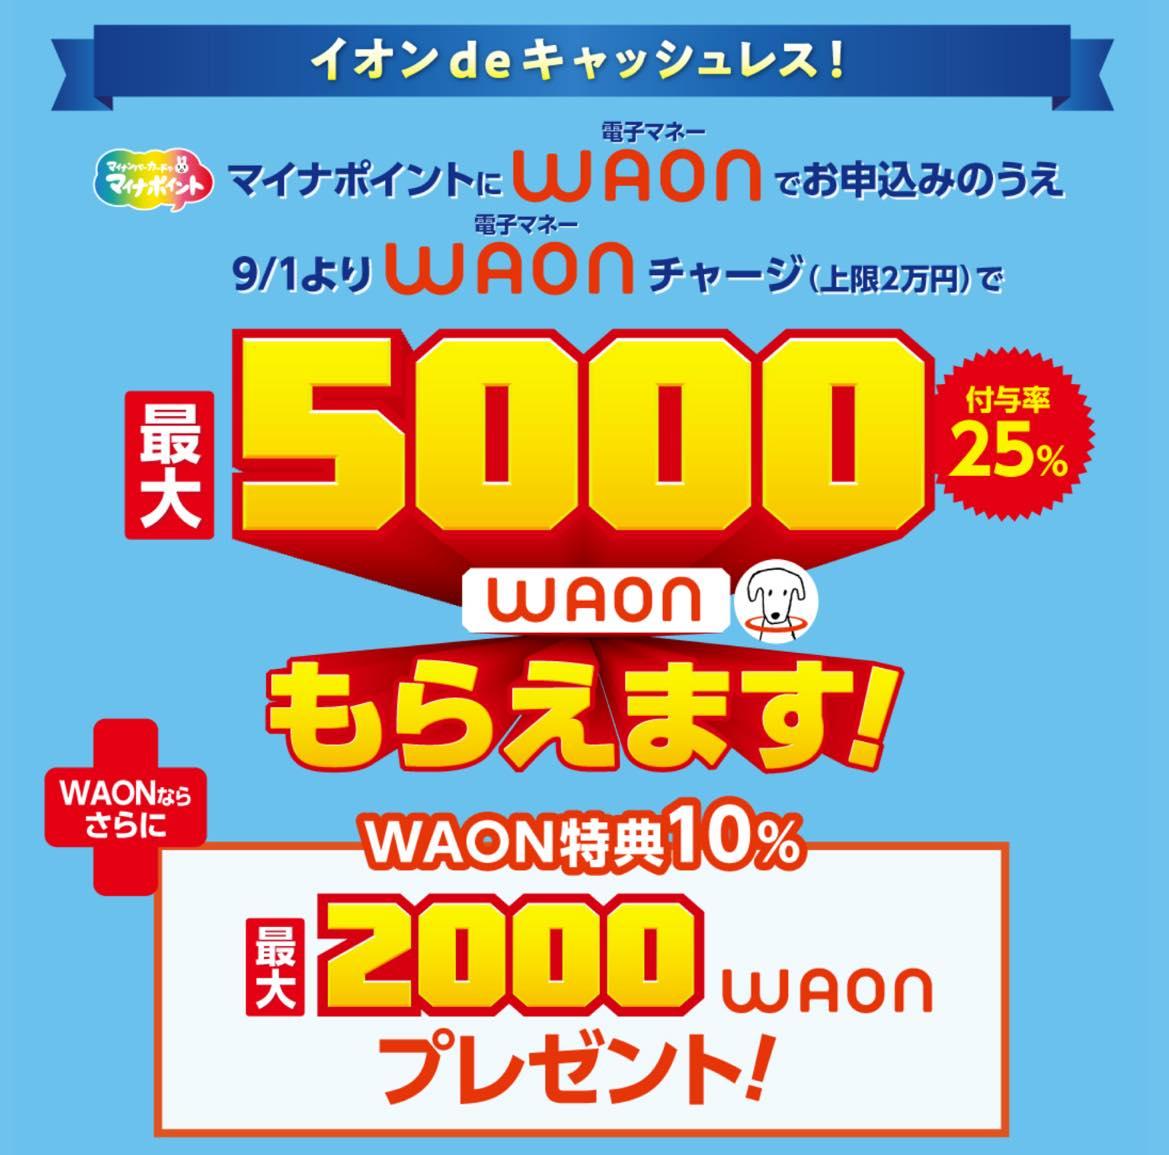 マイナポイント登録キャンペーン「WAON」:概要